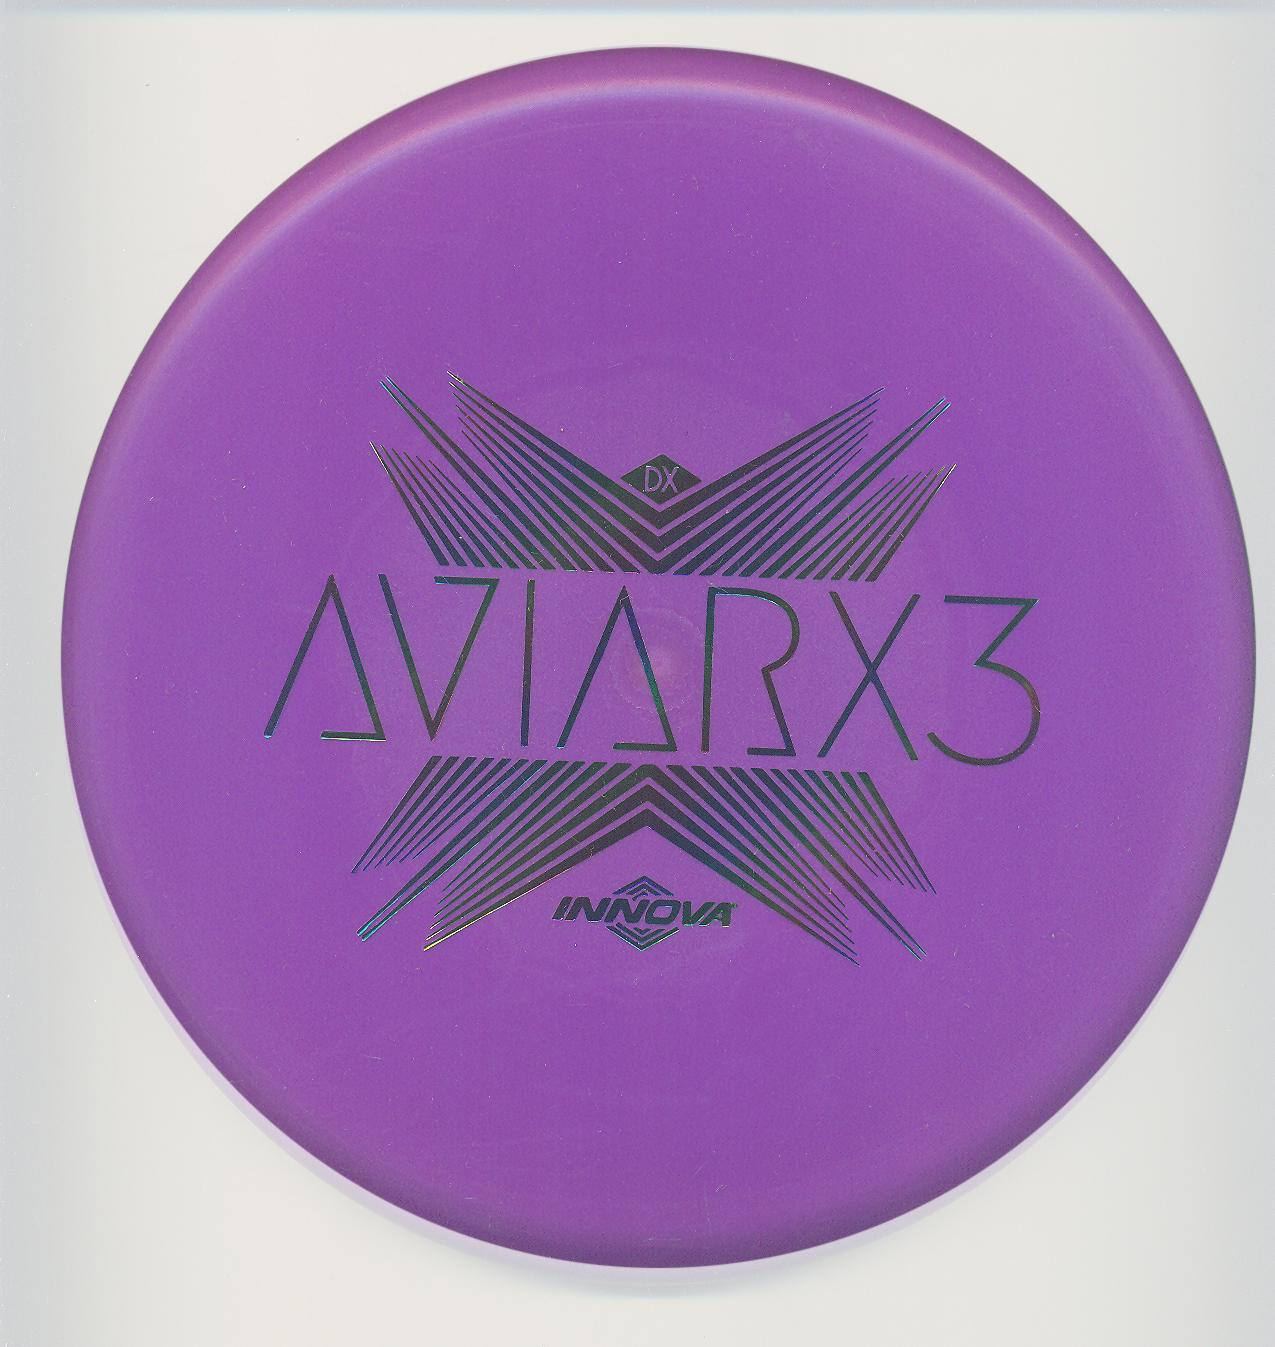 DX AviarX3, Prototype